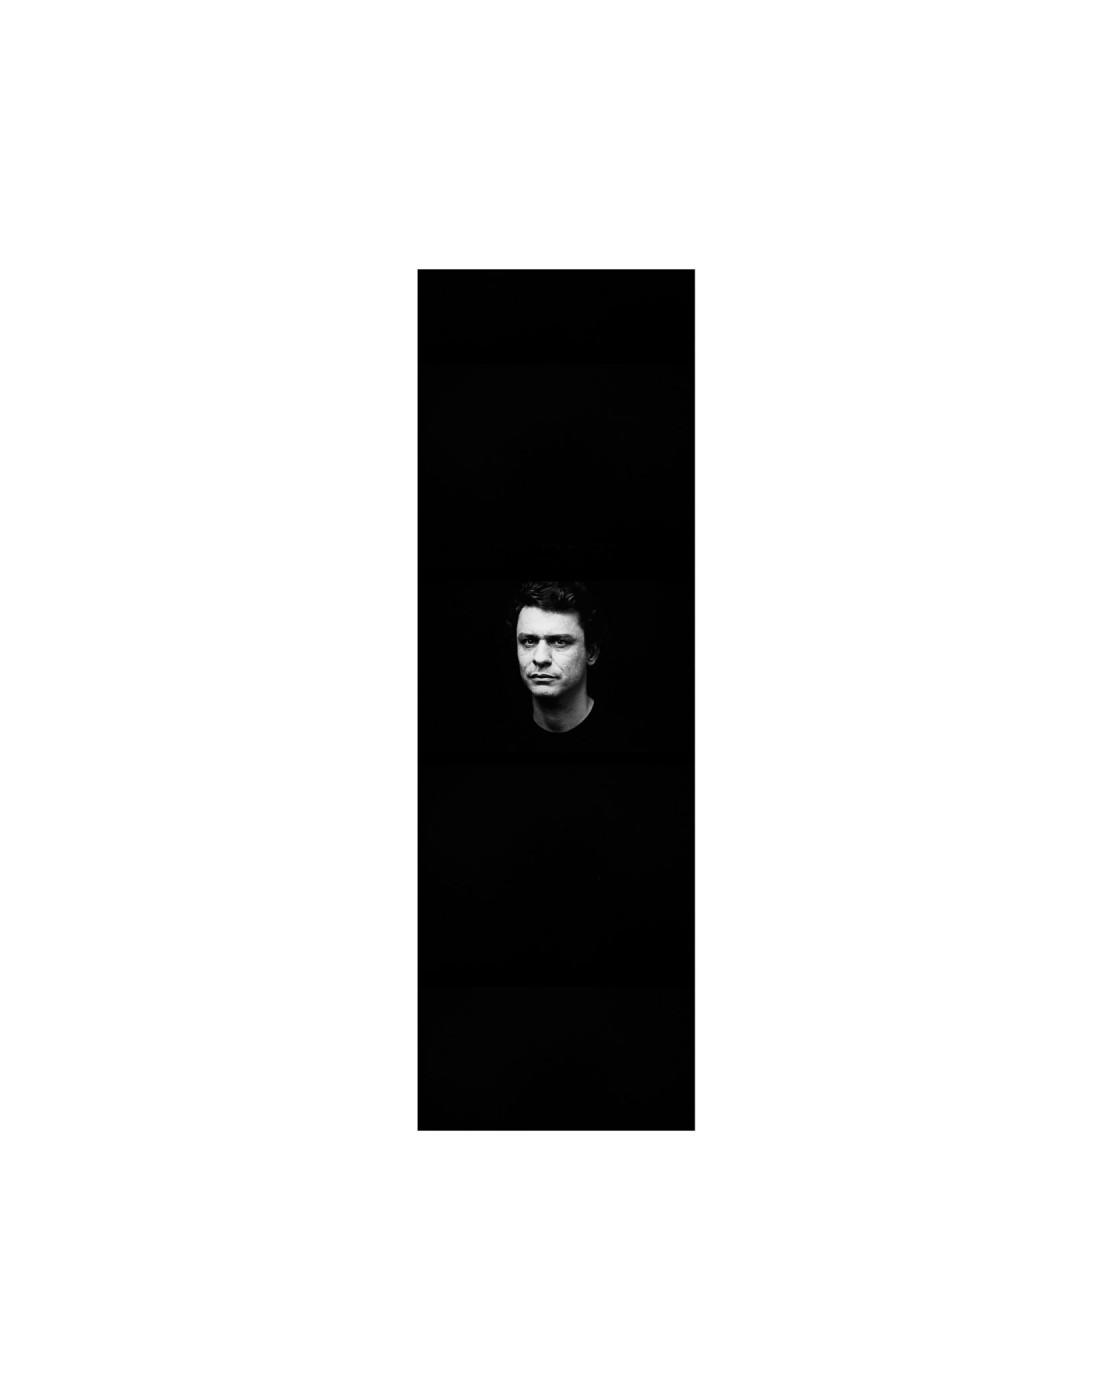 Elisa Julia Gilmour, </span><span><em>Death Is Something: Film Stills # 10</em>, </span><span>2013